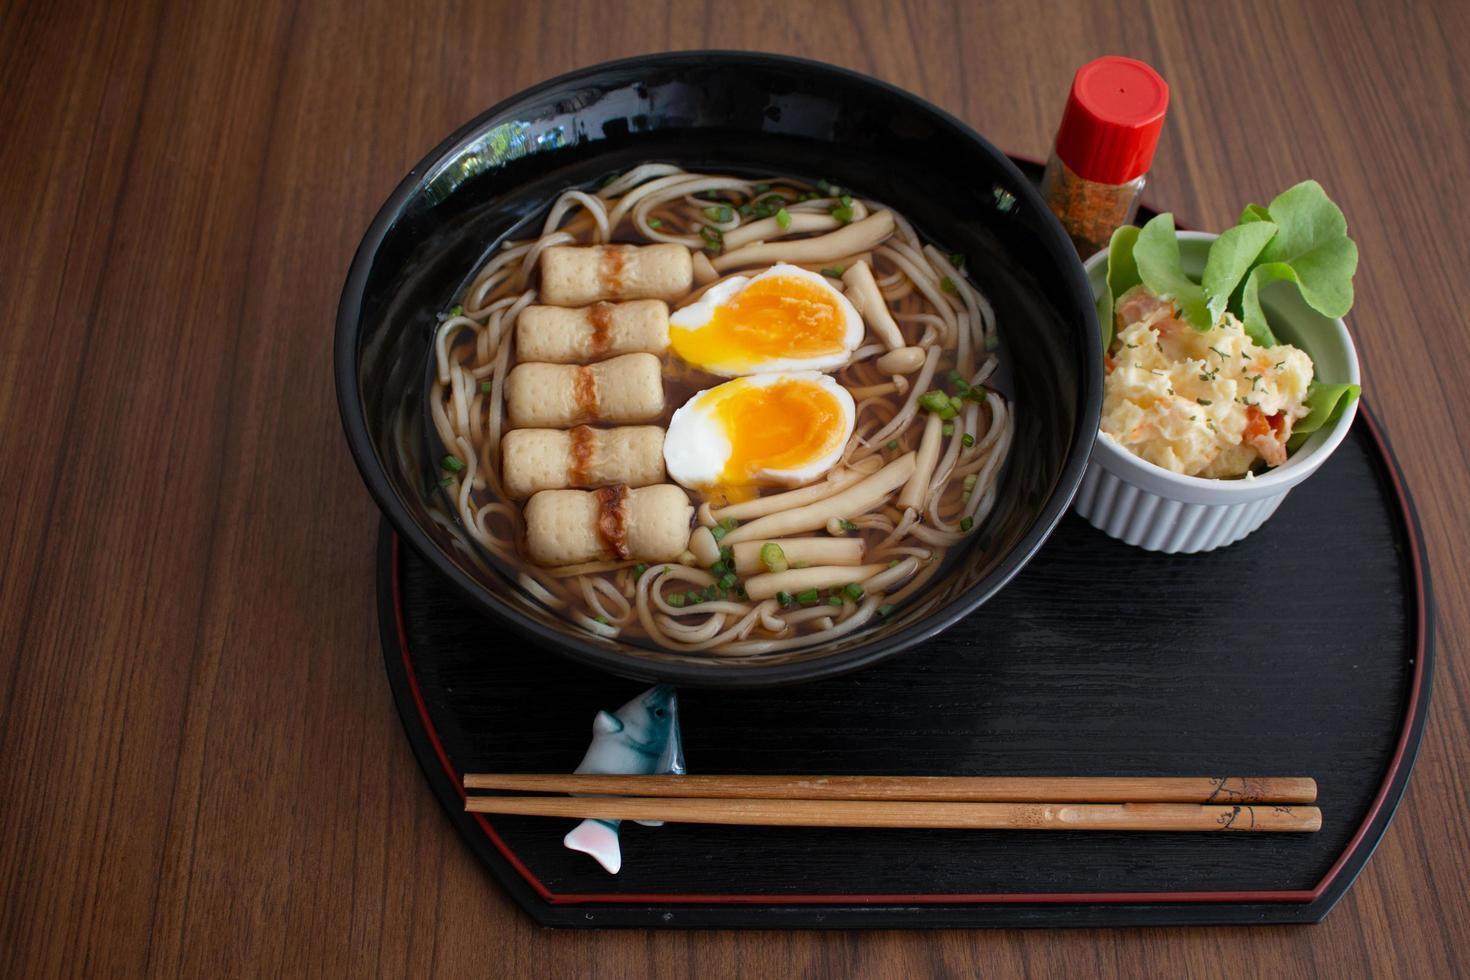 Nouilles de blé japonais, nouilles udon sur fond de table en bois photo